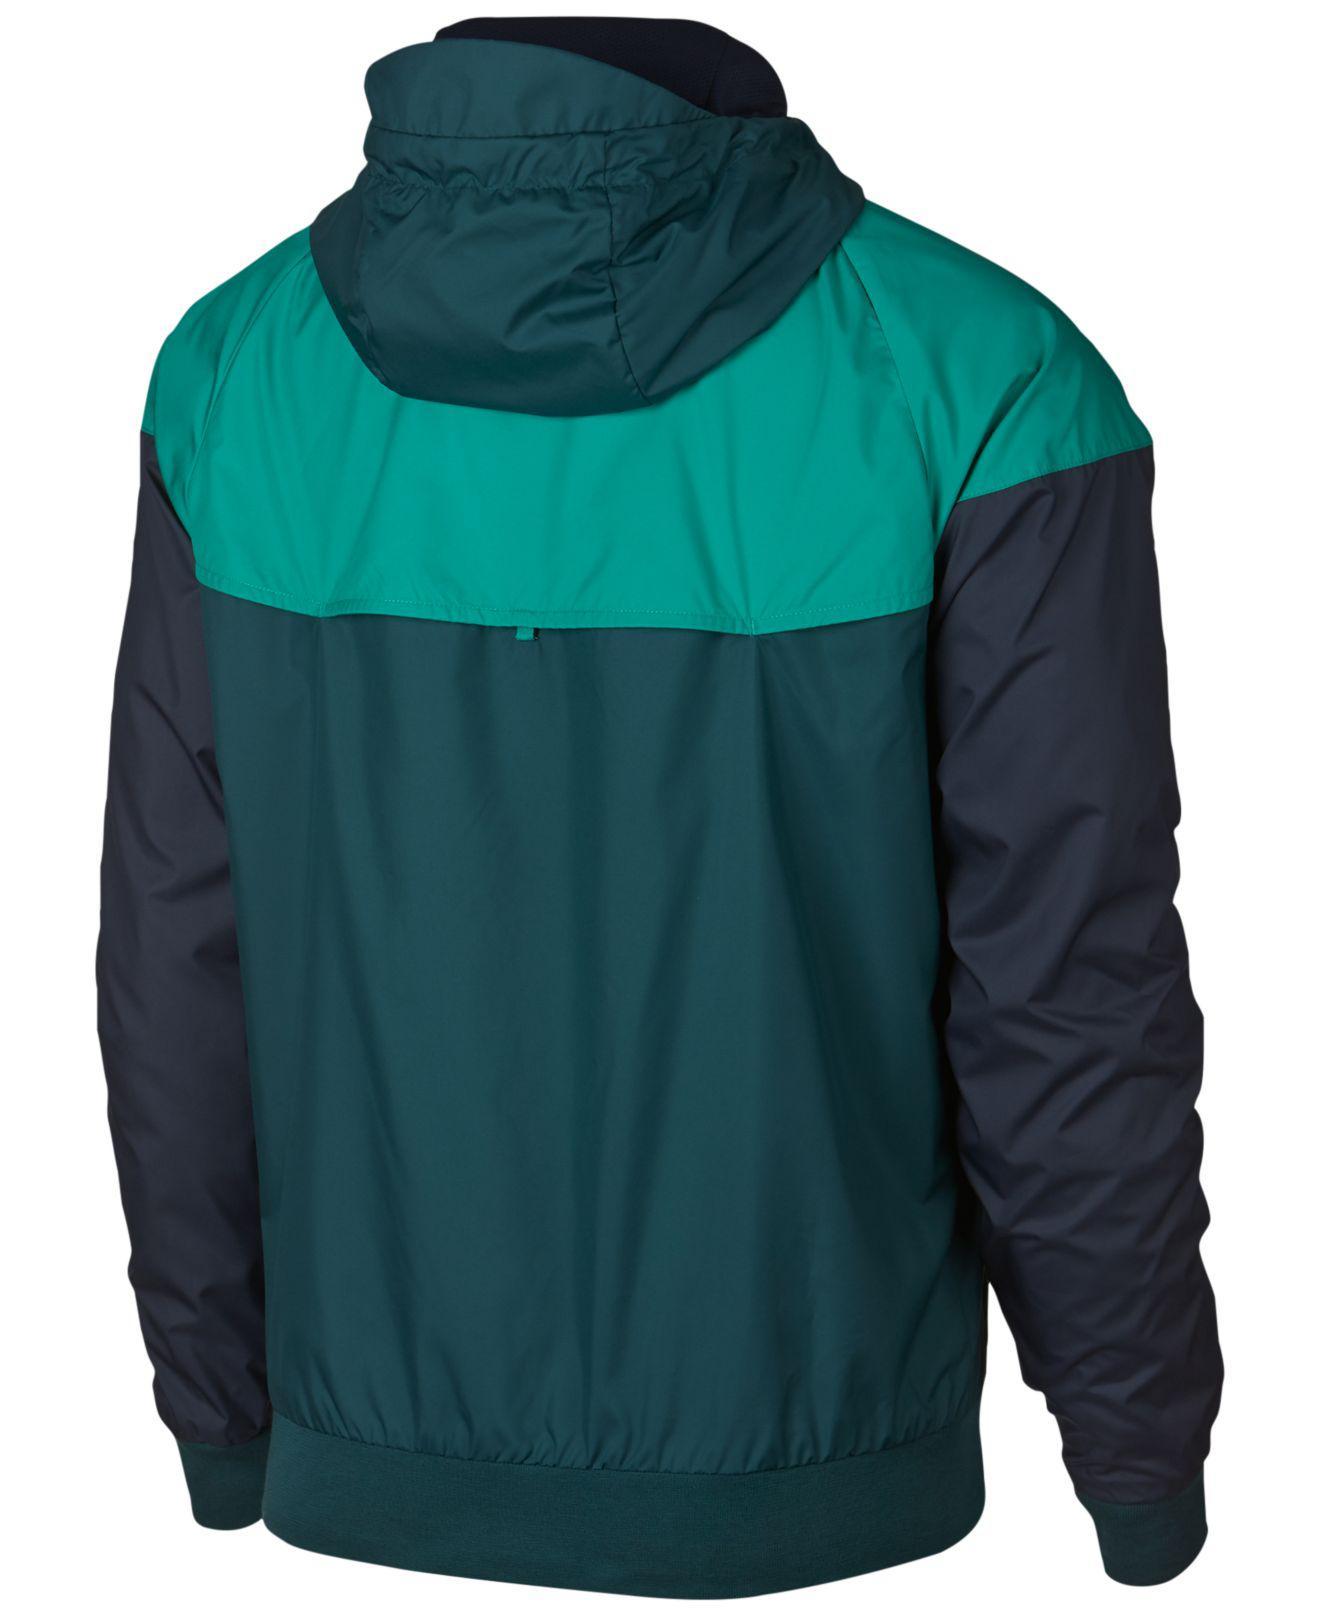 77759ca51e Lyst - Nike Windrunner Full Zip Jacket in Green for Men